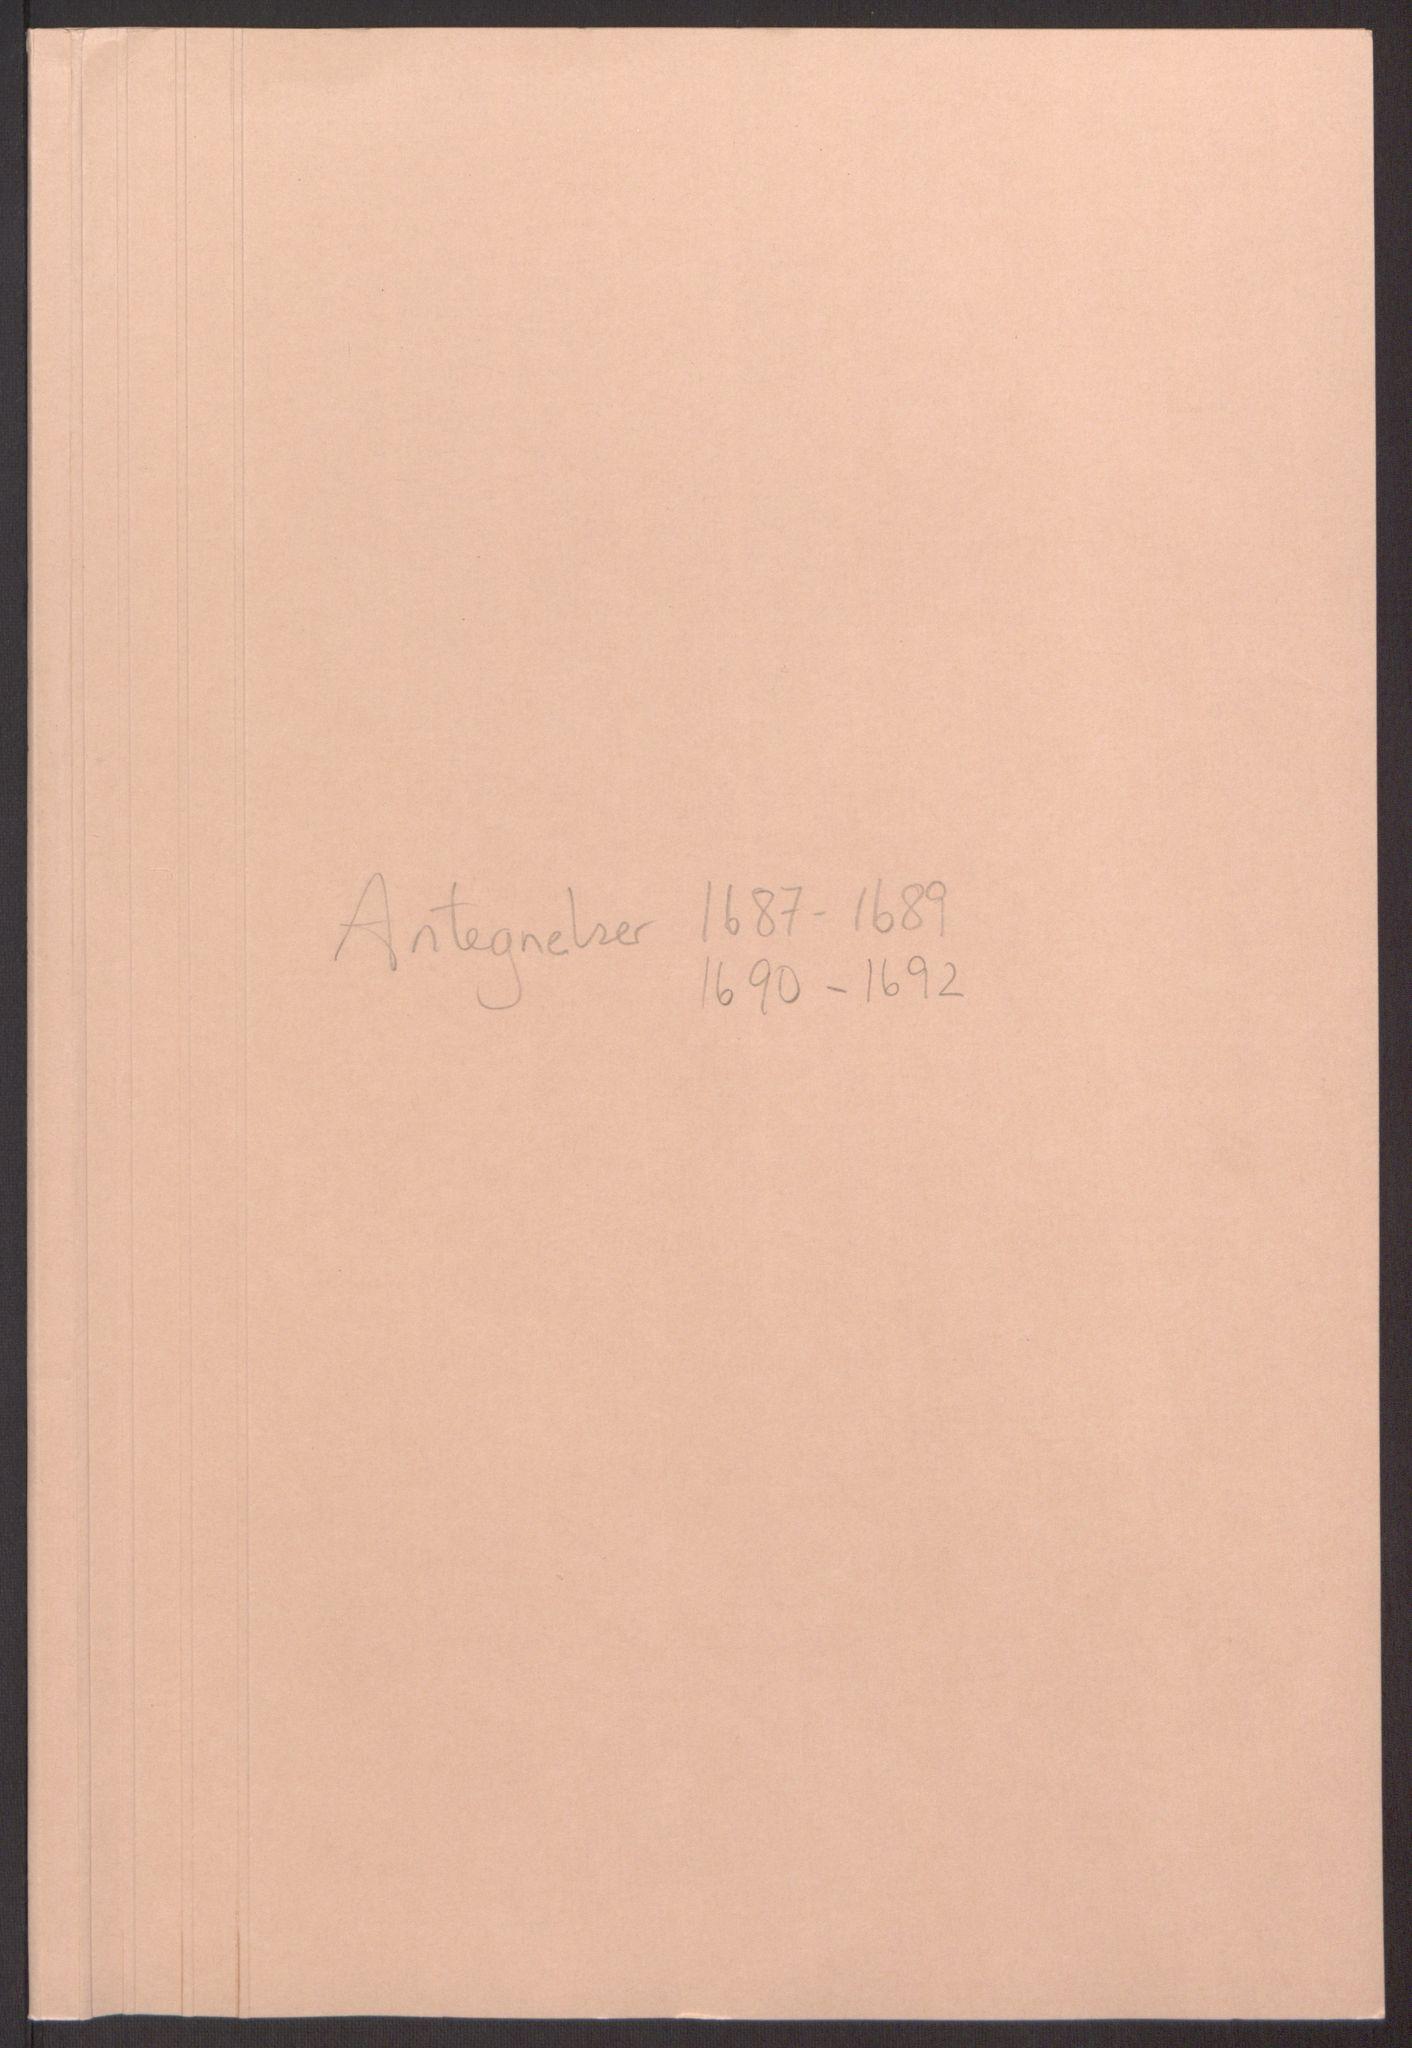 RA, Rentekammeret inntil 1814, Reviderte regnskaper, Fogderegnskap, R64/L4424: Fogderegnskap Namdal, 1692-1695, s. 175